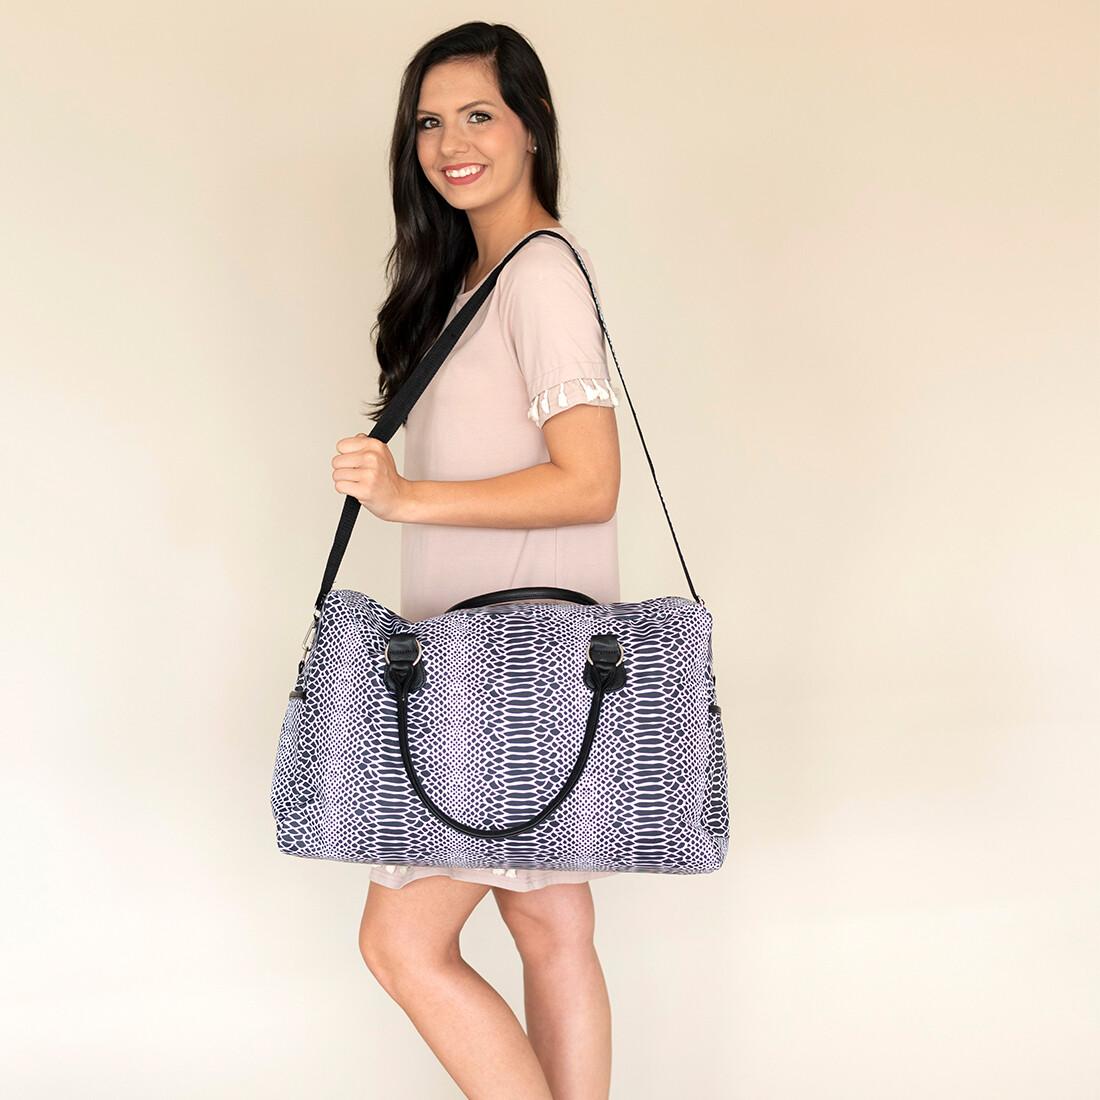 Snakeskin Travel Bag